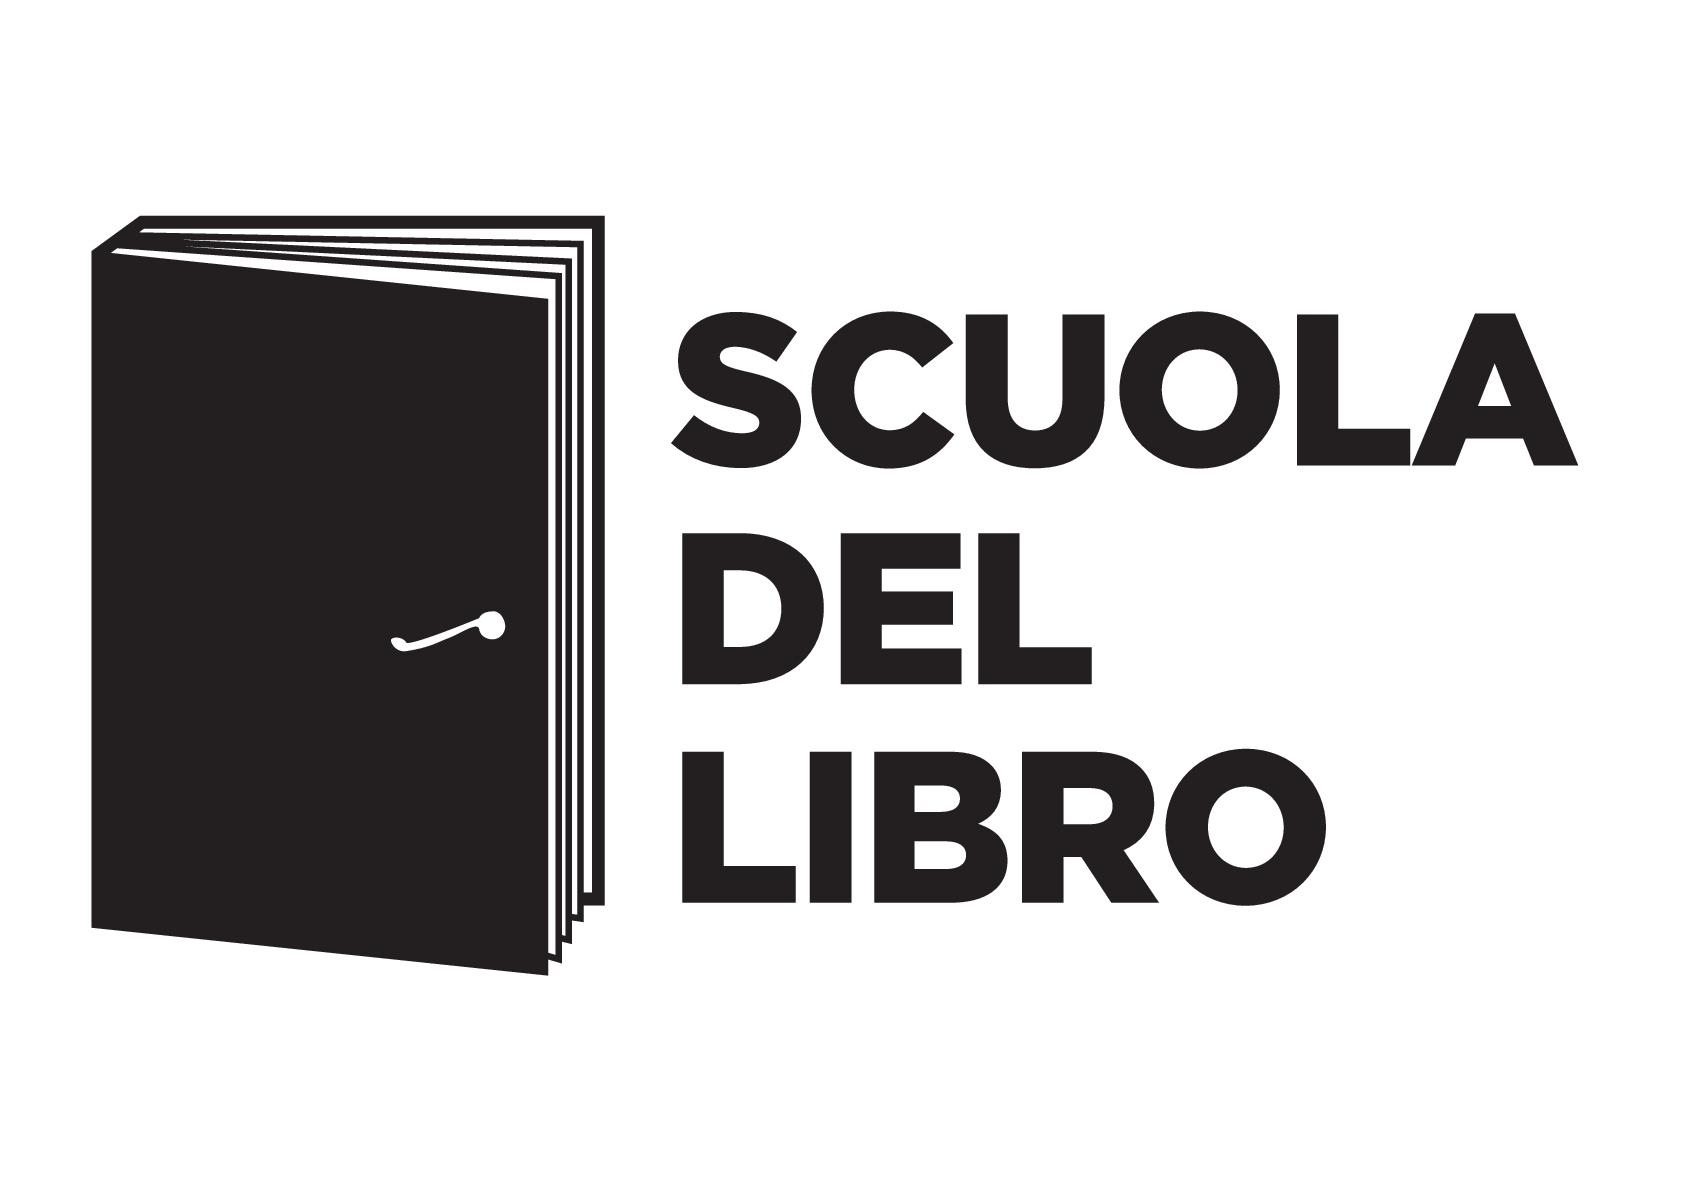 LOGO_Scuoladellibro_sur-001